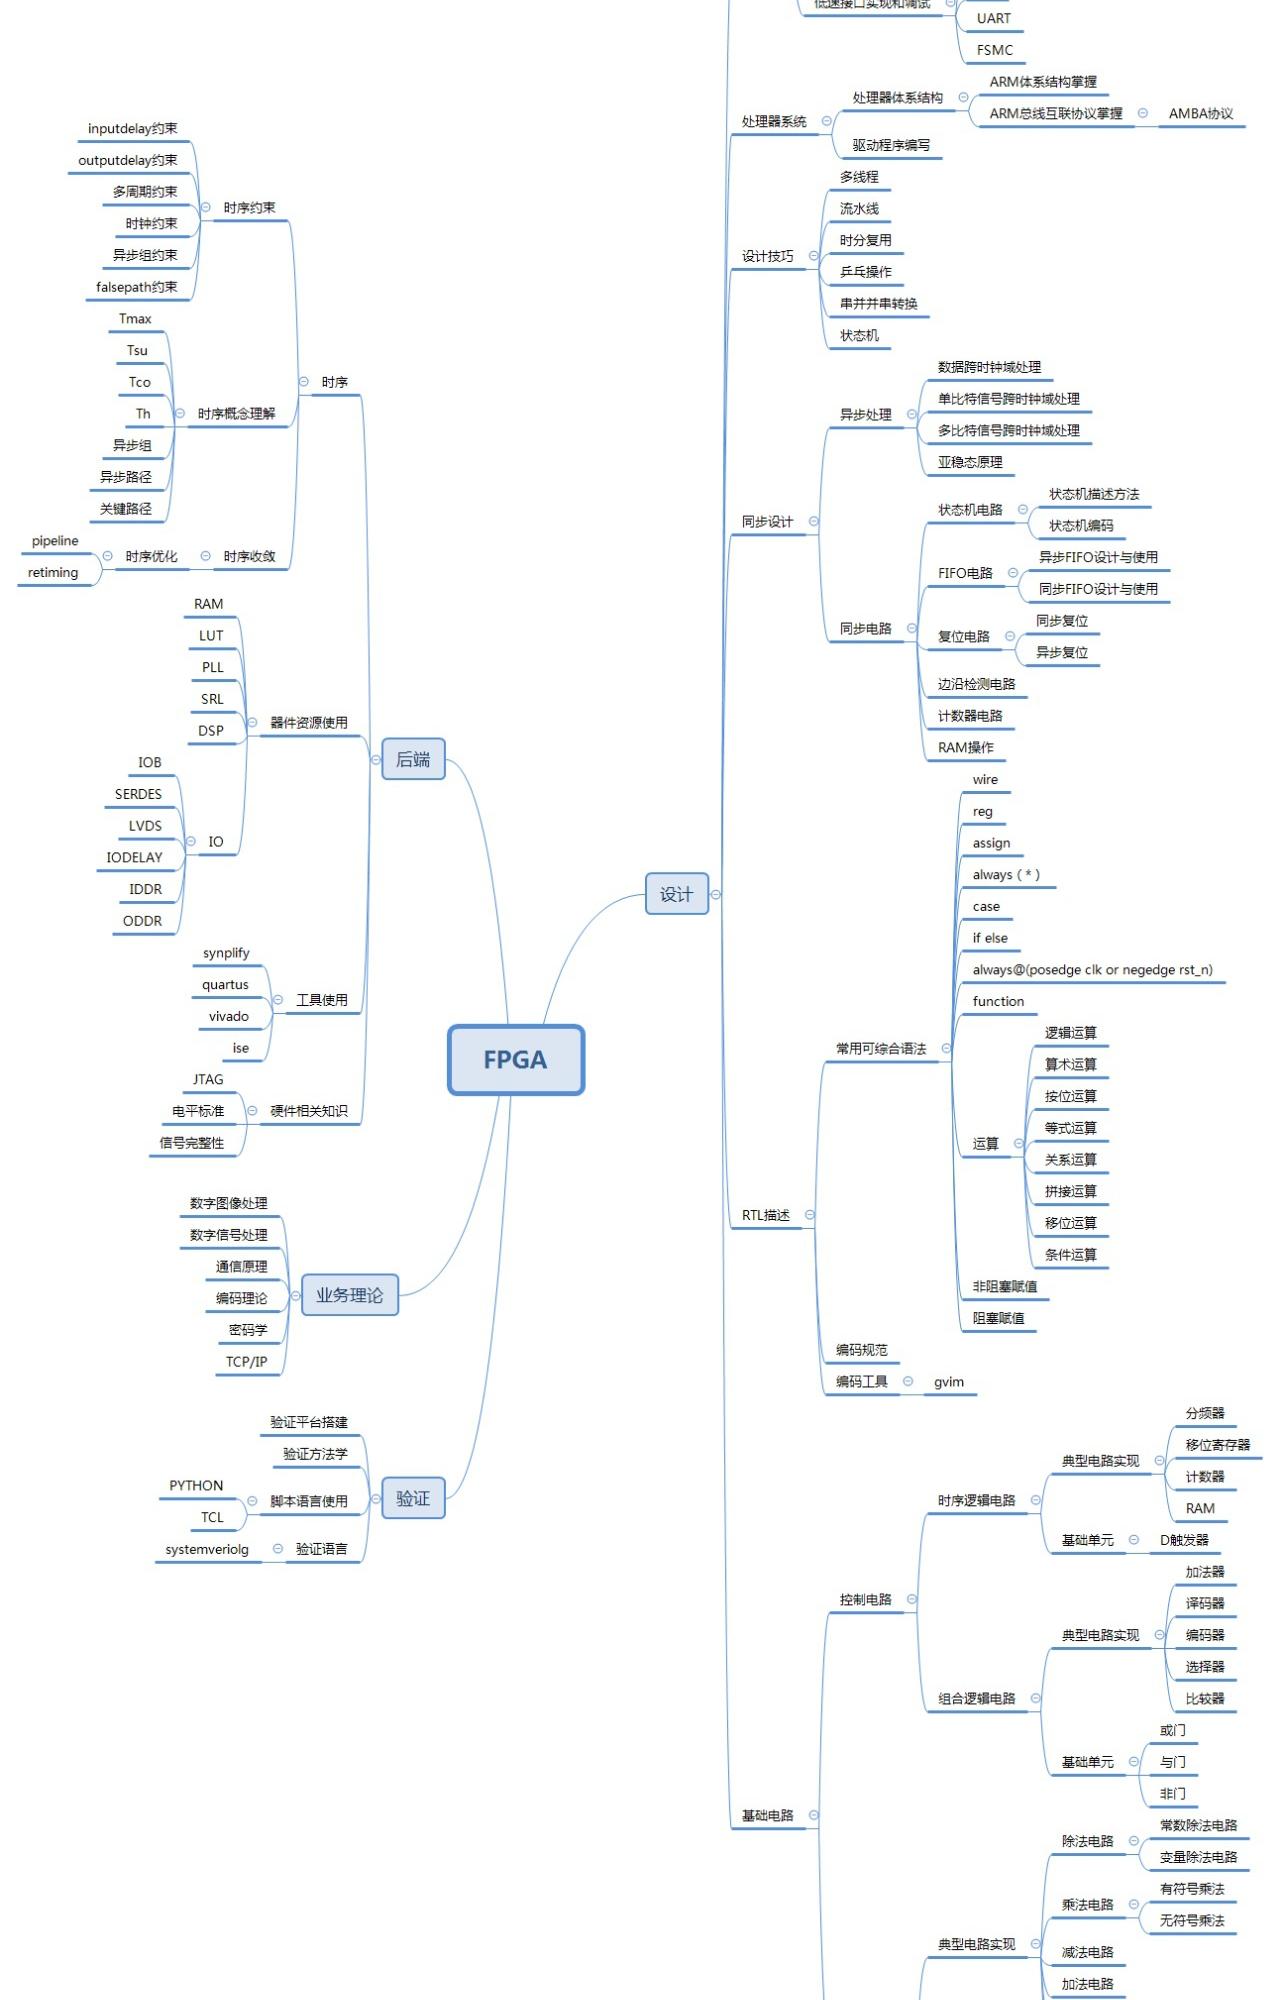 【发烧友研习社】史上最牛最全FPGA工程师的技能进阶必备资料(2200+份,共100G+)